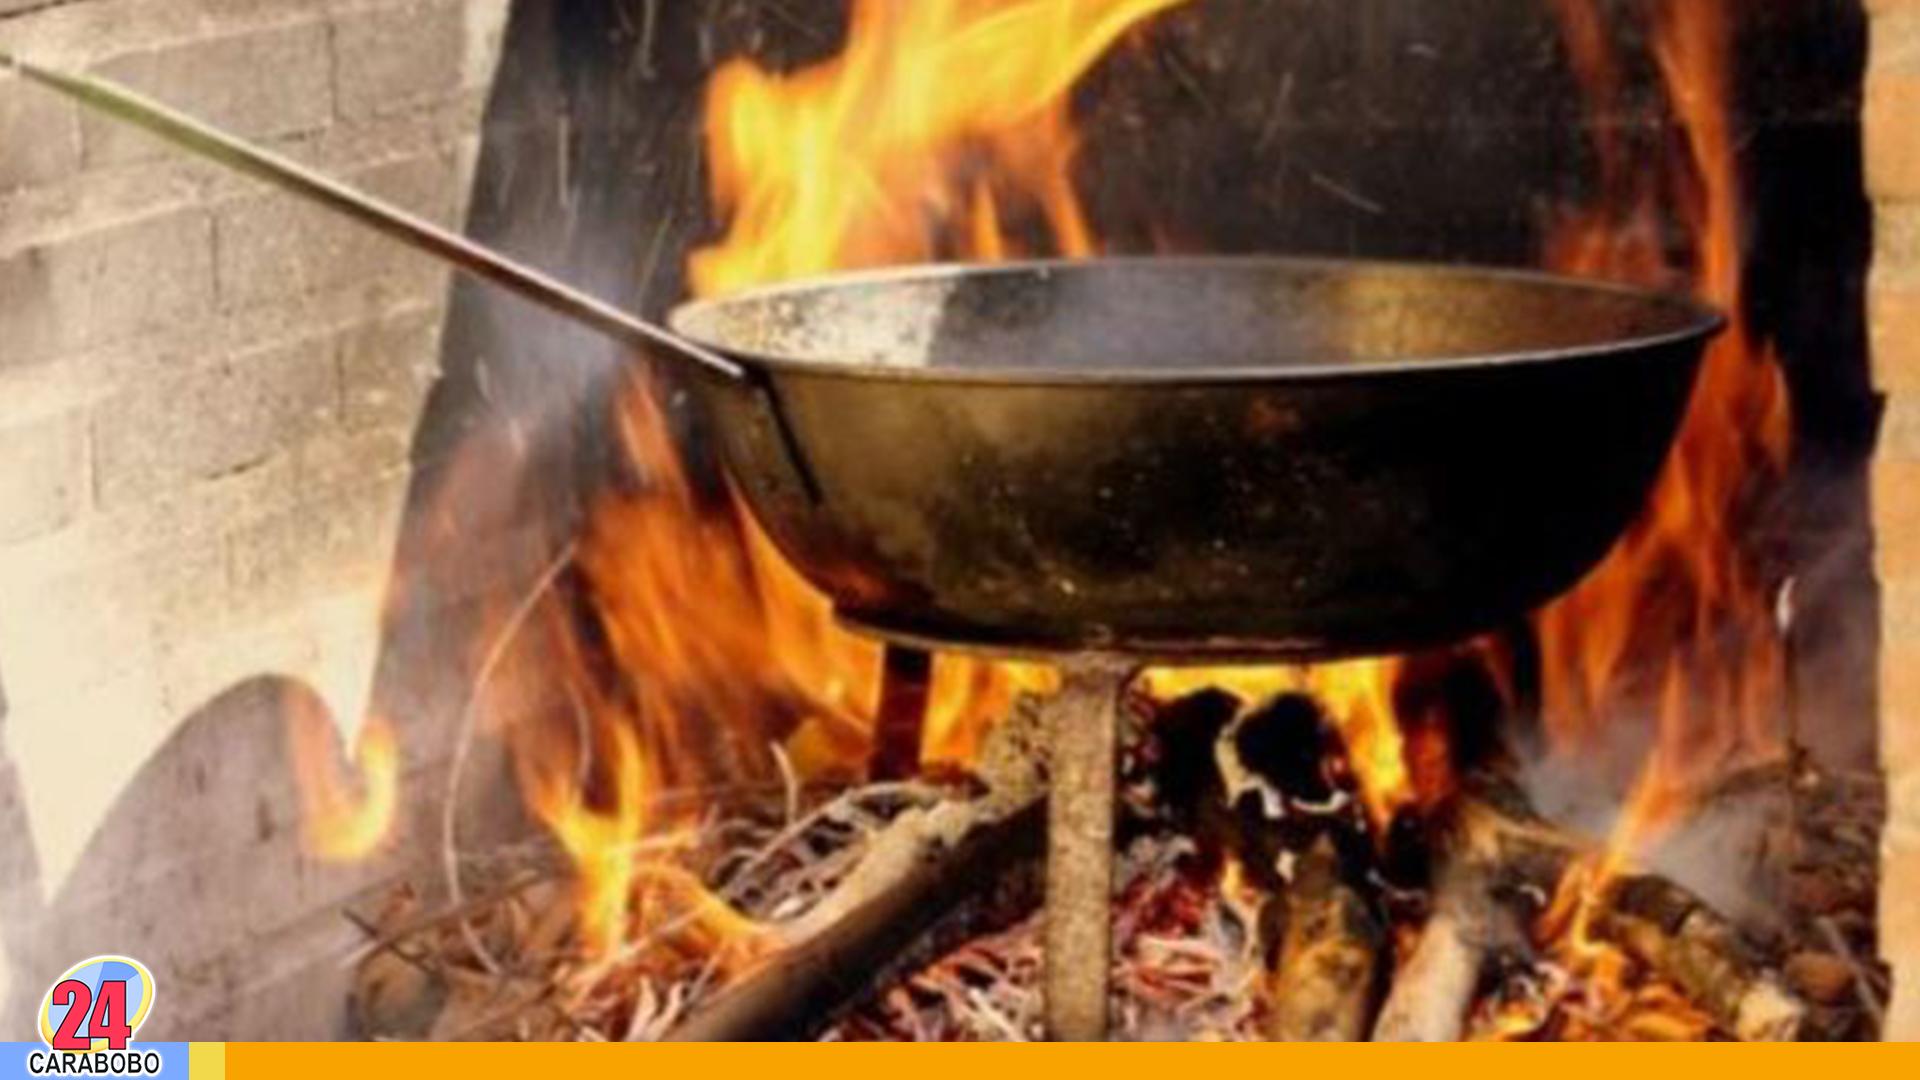 cocinar con leña